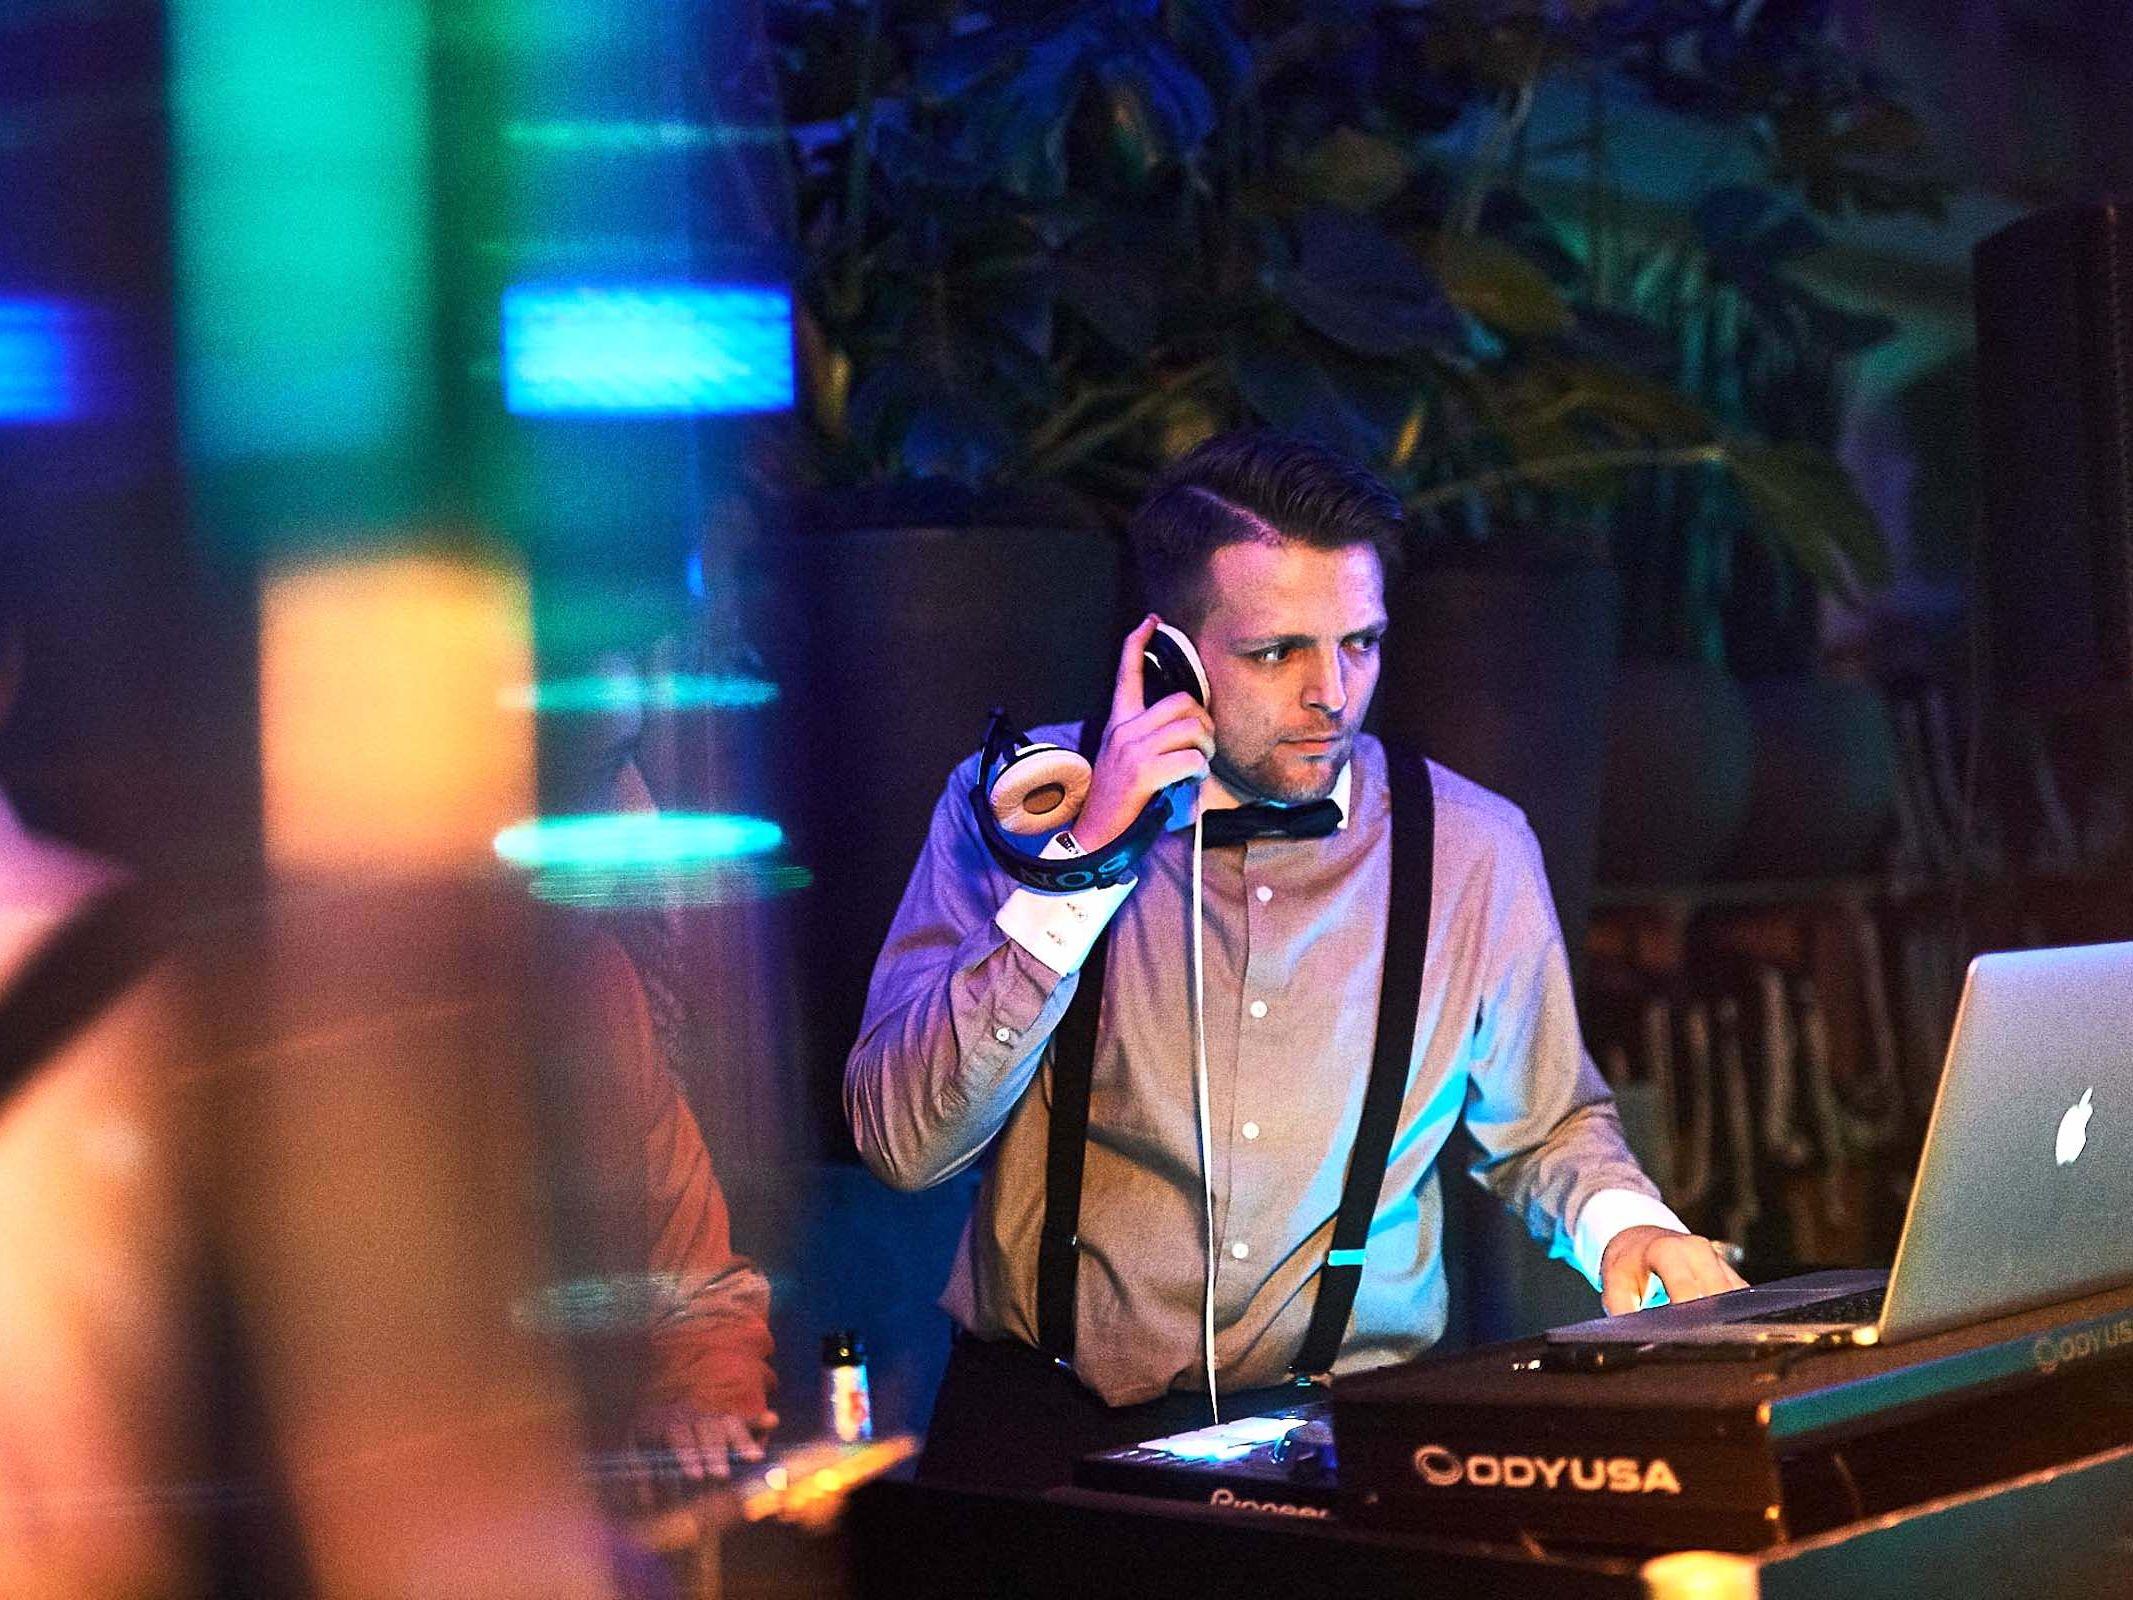 DJ | Hannover | Buchen | Discjockey | Timm | Lehmann | Messe | DJ | Bremen | DJ | Event | DJ | Geburtstag | DJ | Mieten | Anfragen | DJ | Kosten | DJ | Agentur | Lehmann | Eventservice